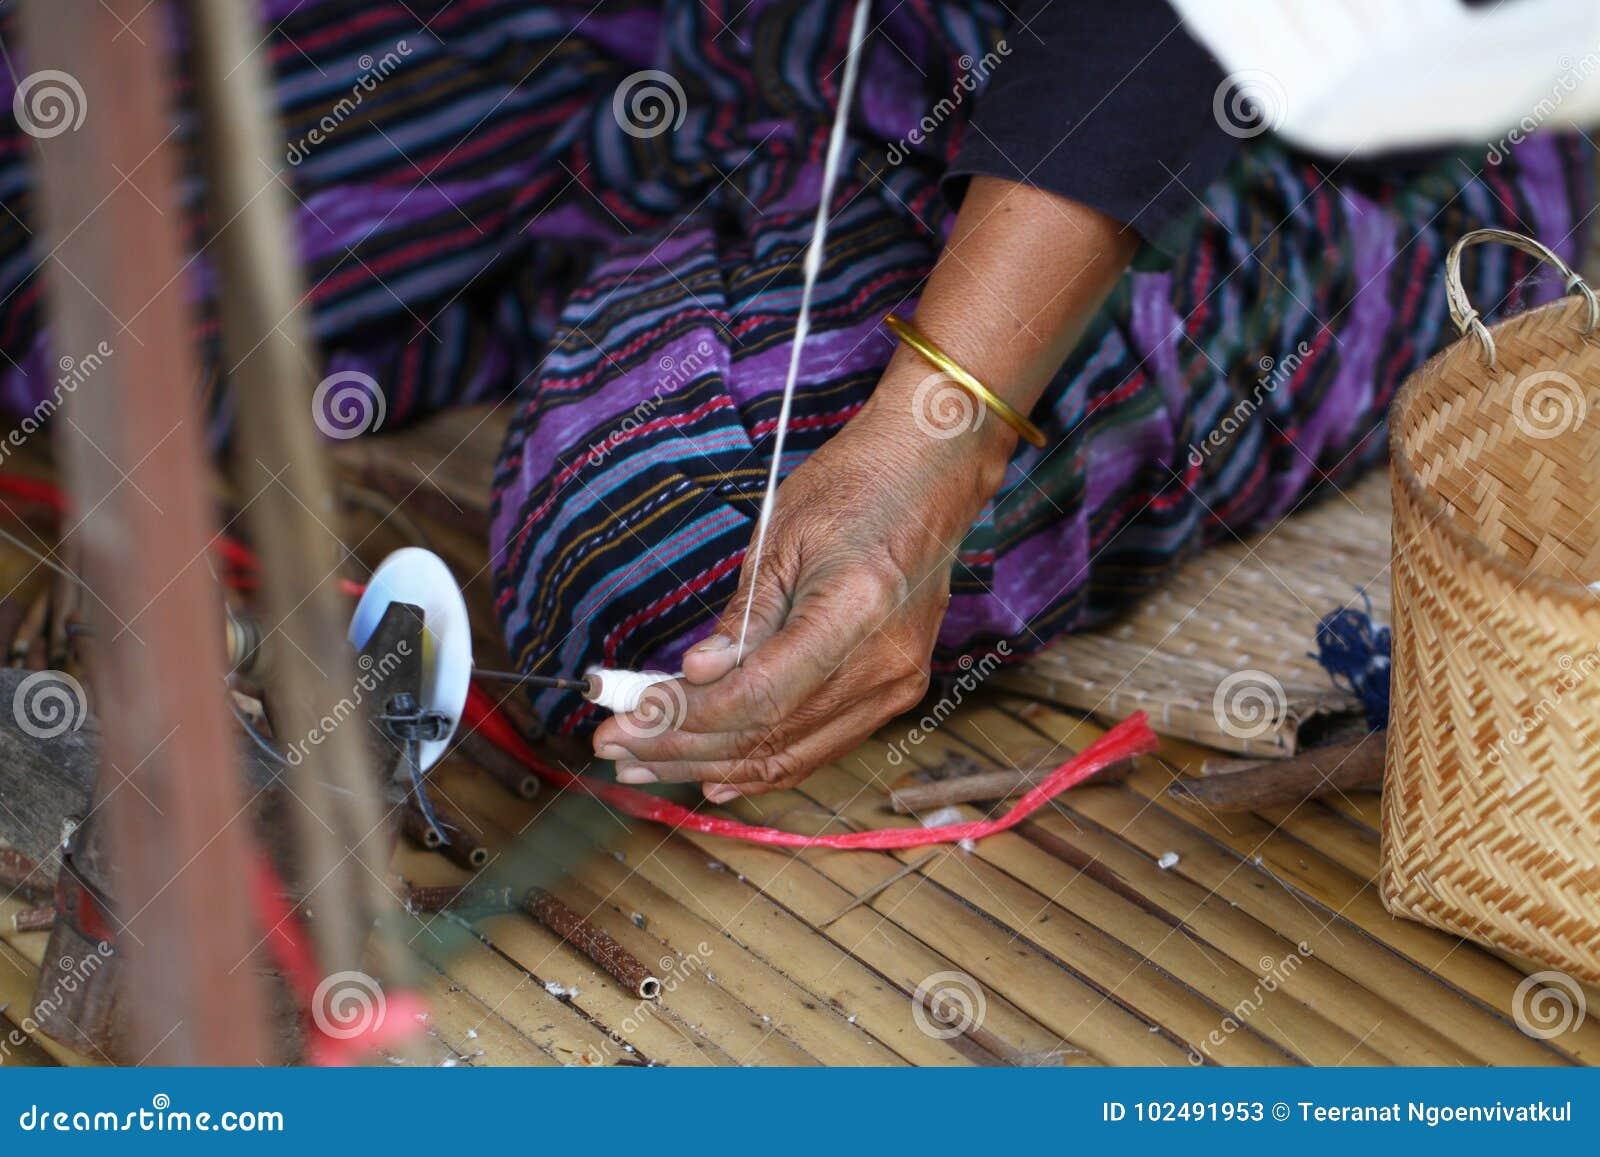 Trabajo que hace punto que teje de la señora tradicional tailandesa, imagen de la actividad de las mujeres, forma de vida rural e